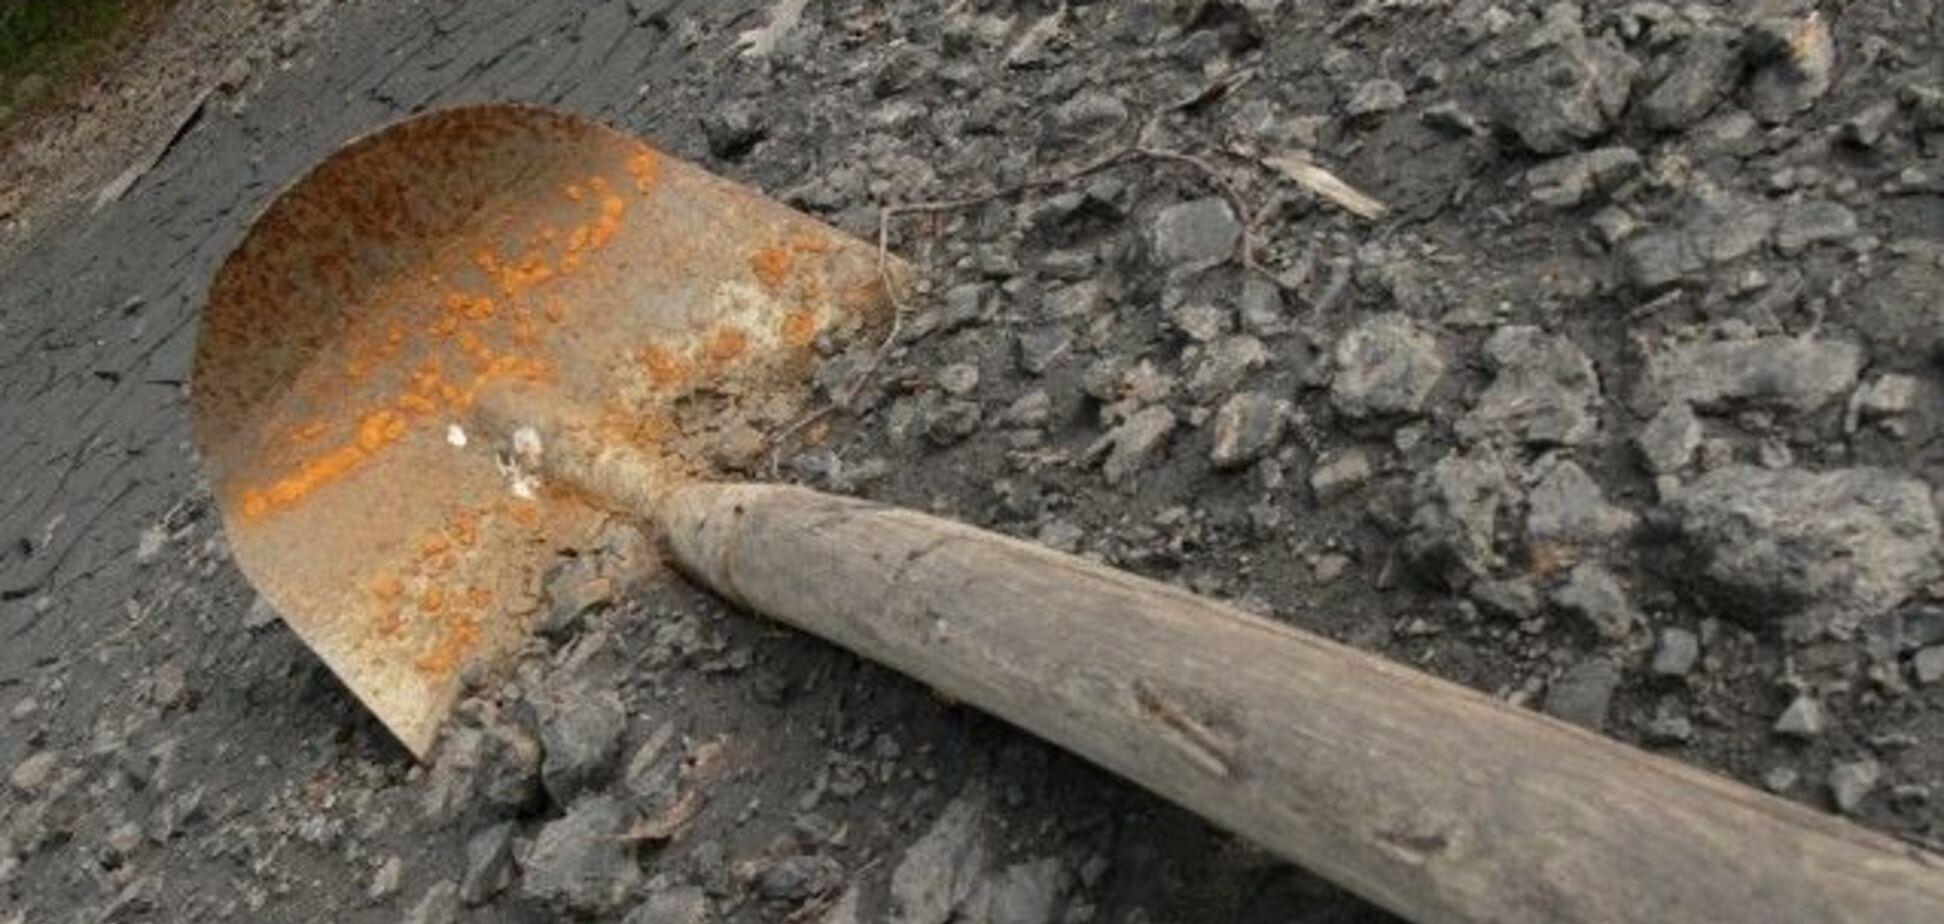 На Донбасі діти побили пенсіонера лопатою: шокуюче відео. 18+